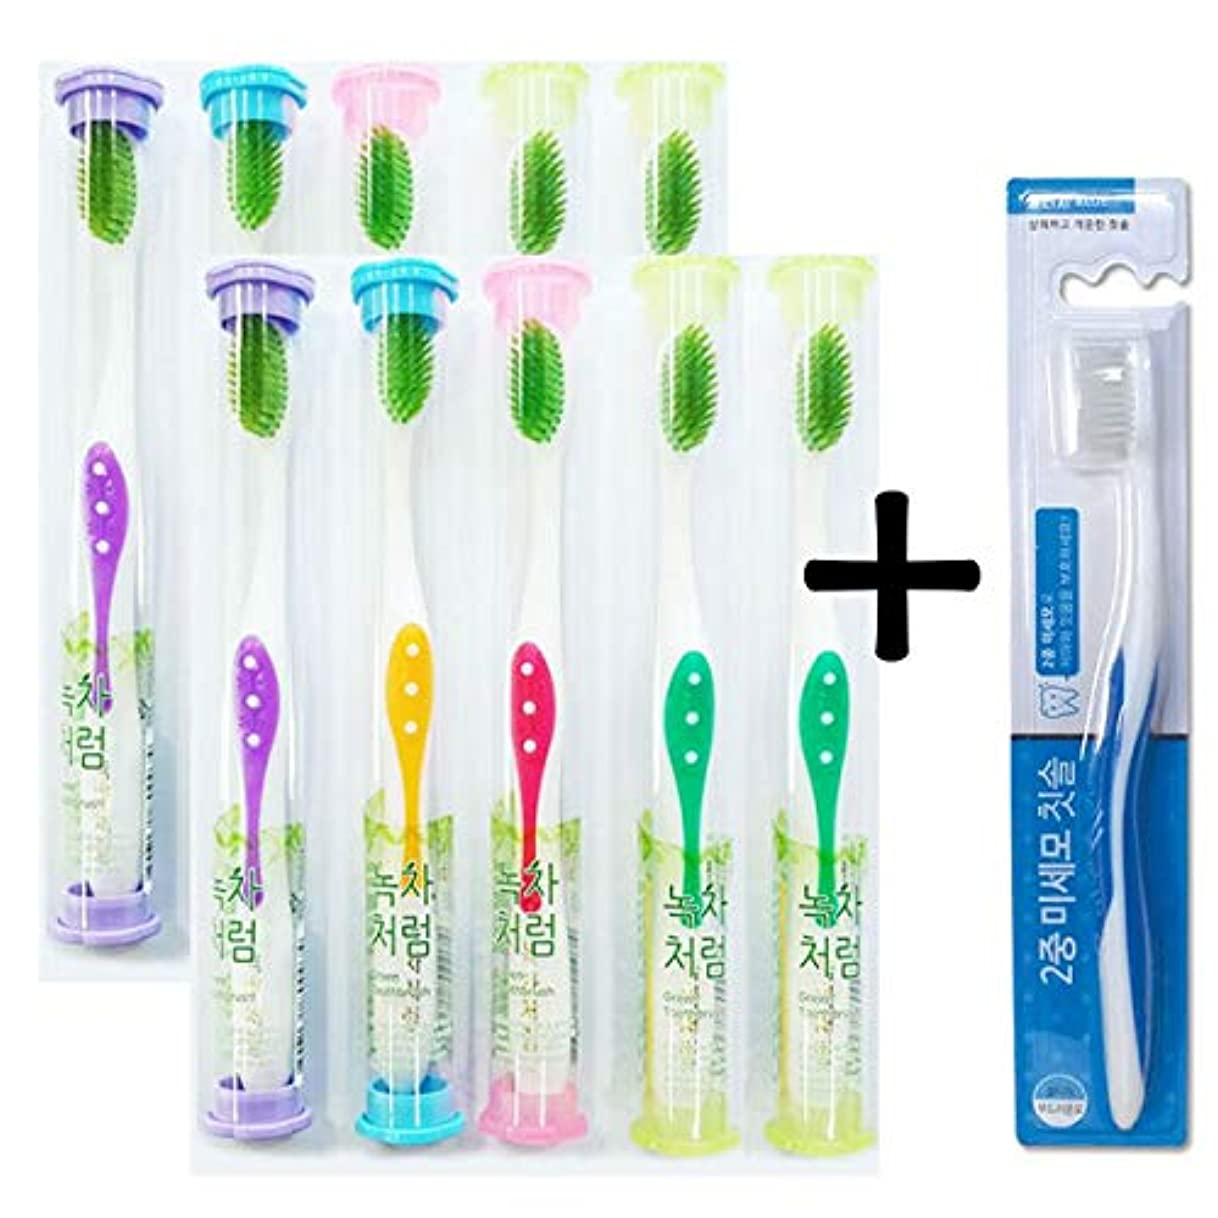 キャッシュ鯨ランドマークKorea Green Toothbrush 10+1 Special Set Lovely individual case Random color 緑茶の歯ブラシ10本,ランデン発送+クルターチ2重微細胞歯ブラシ1本